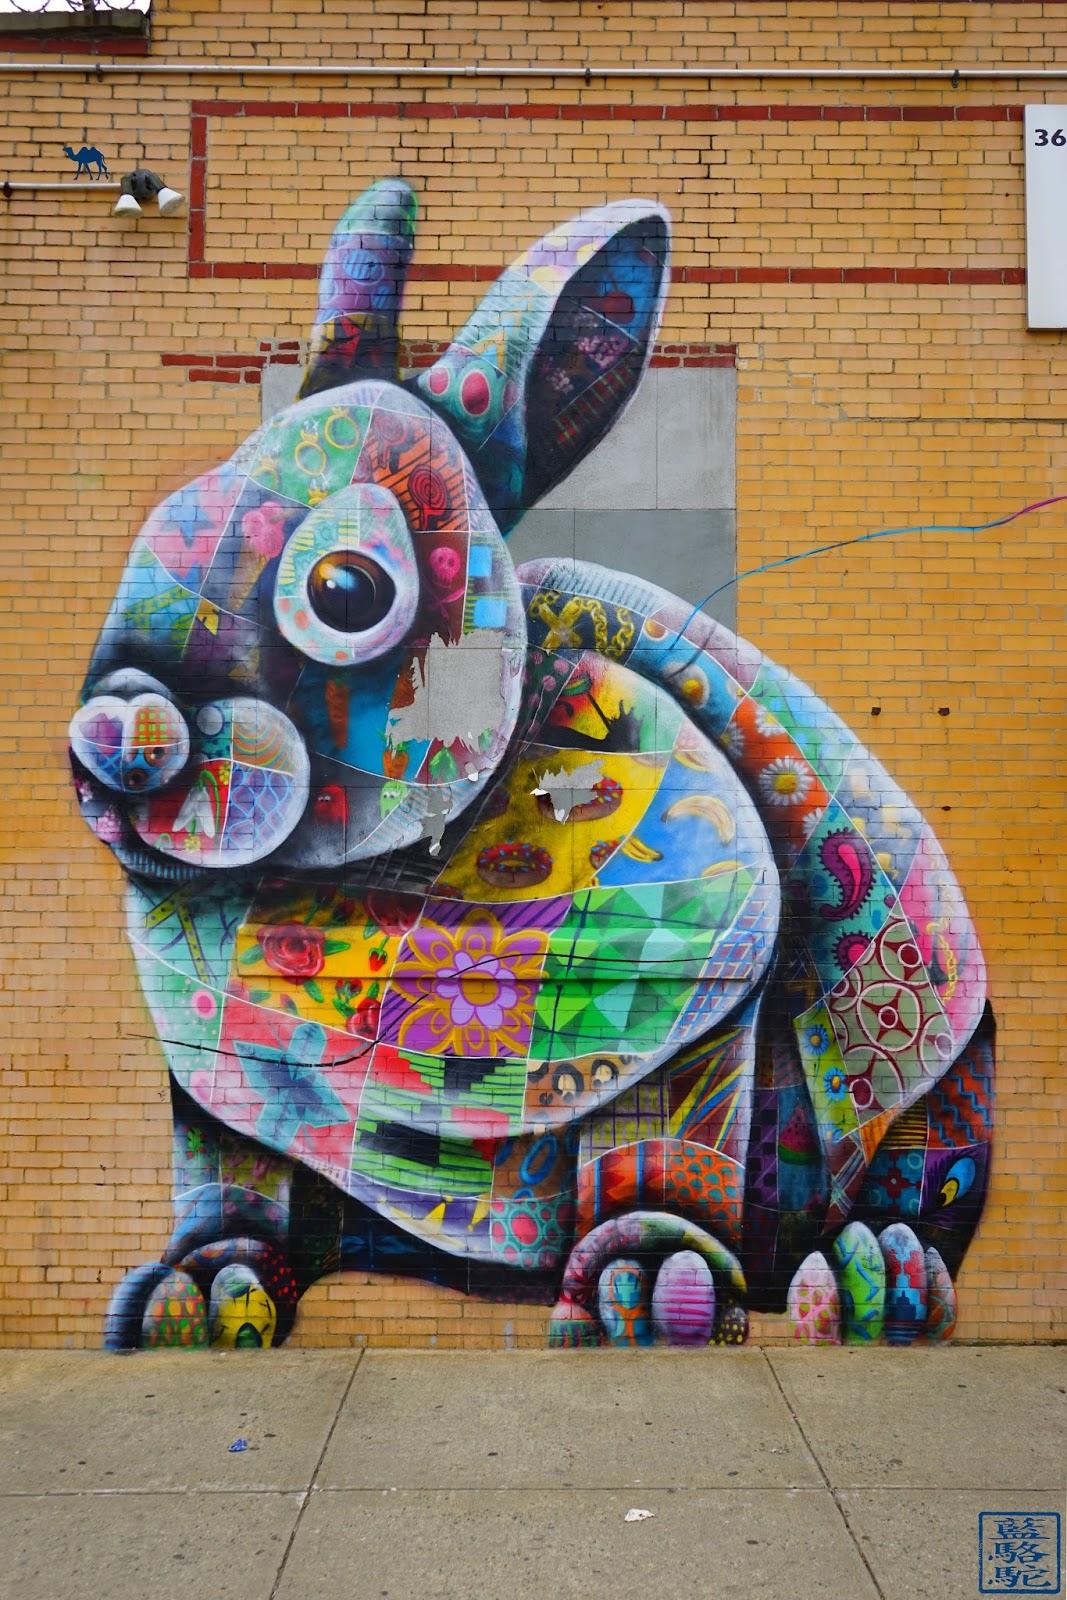 Le Chameau Bleu - Blog Voyage New York City Street Art Bushwick 2017 - Lapinou New York Brooklyn